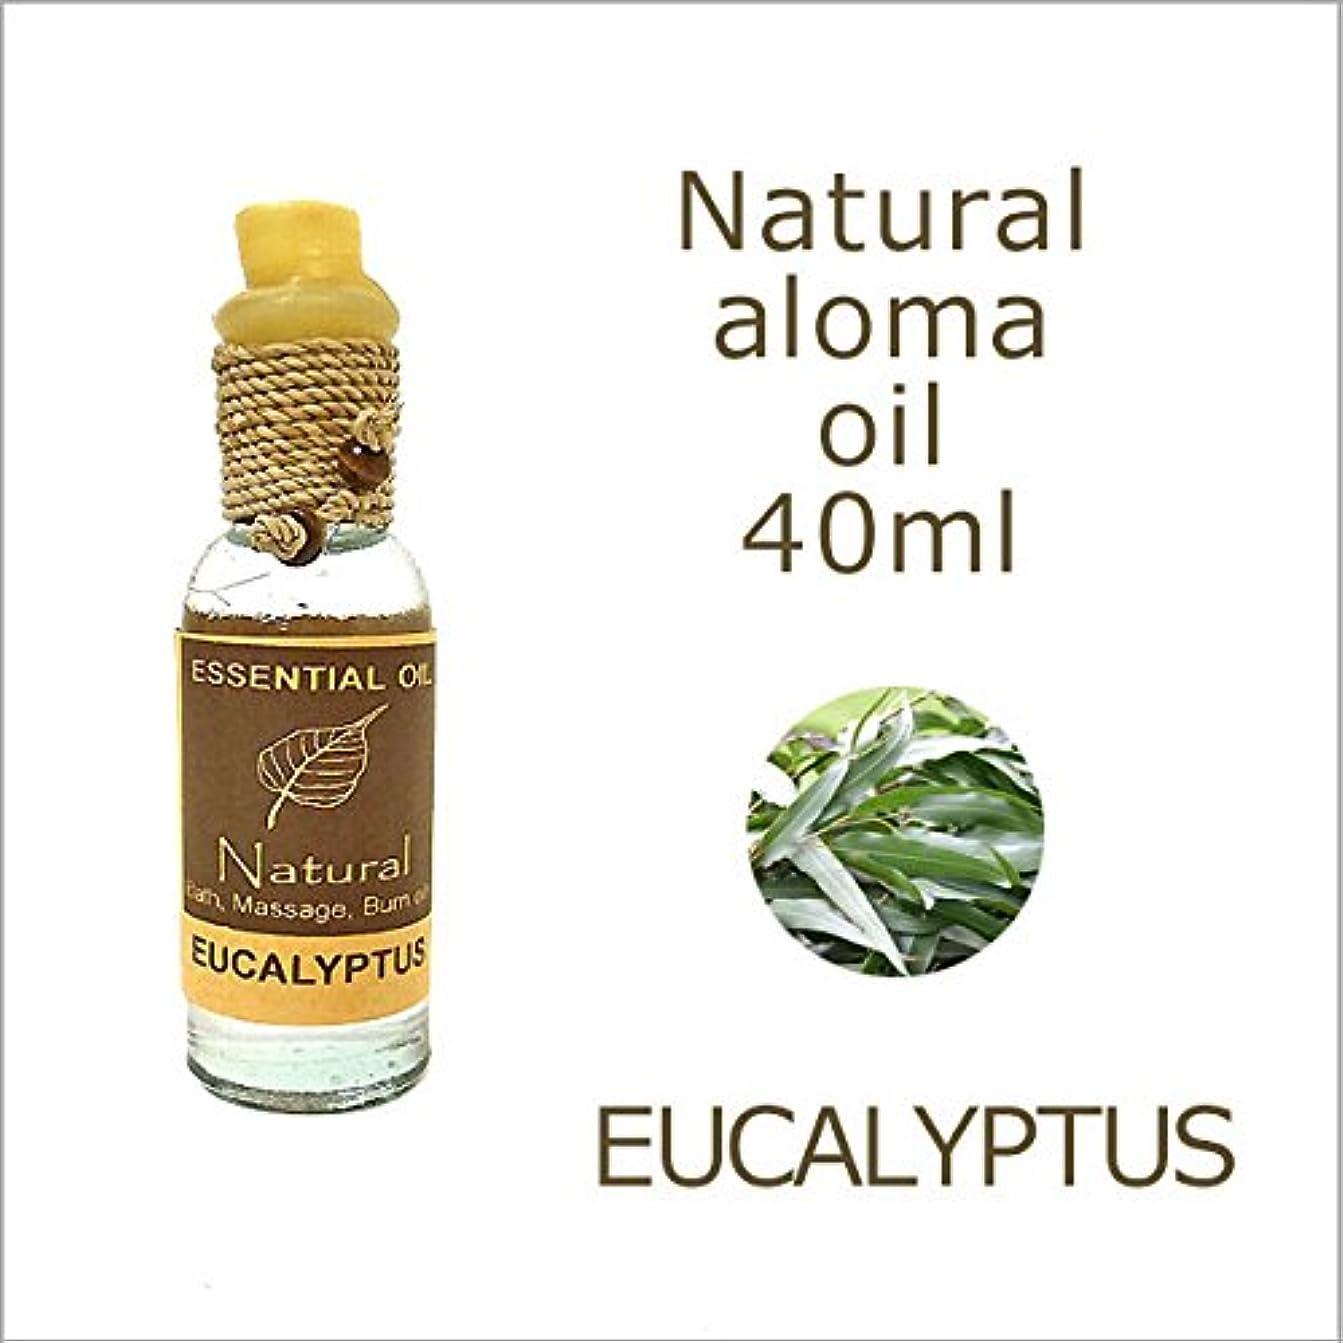 ユーカリ Eucalyptusアロマオイル40ml マッサージオイル アジアン 雑貨 バリ 雑貨 タイ 雑貨 アジアン インテリア 花粉 対策 並行輸入品